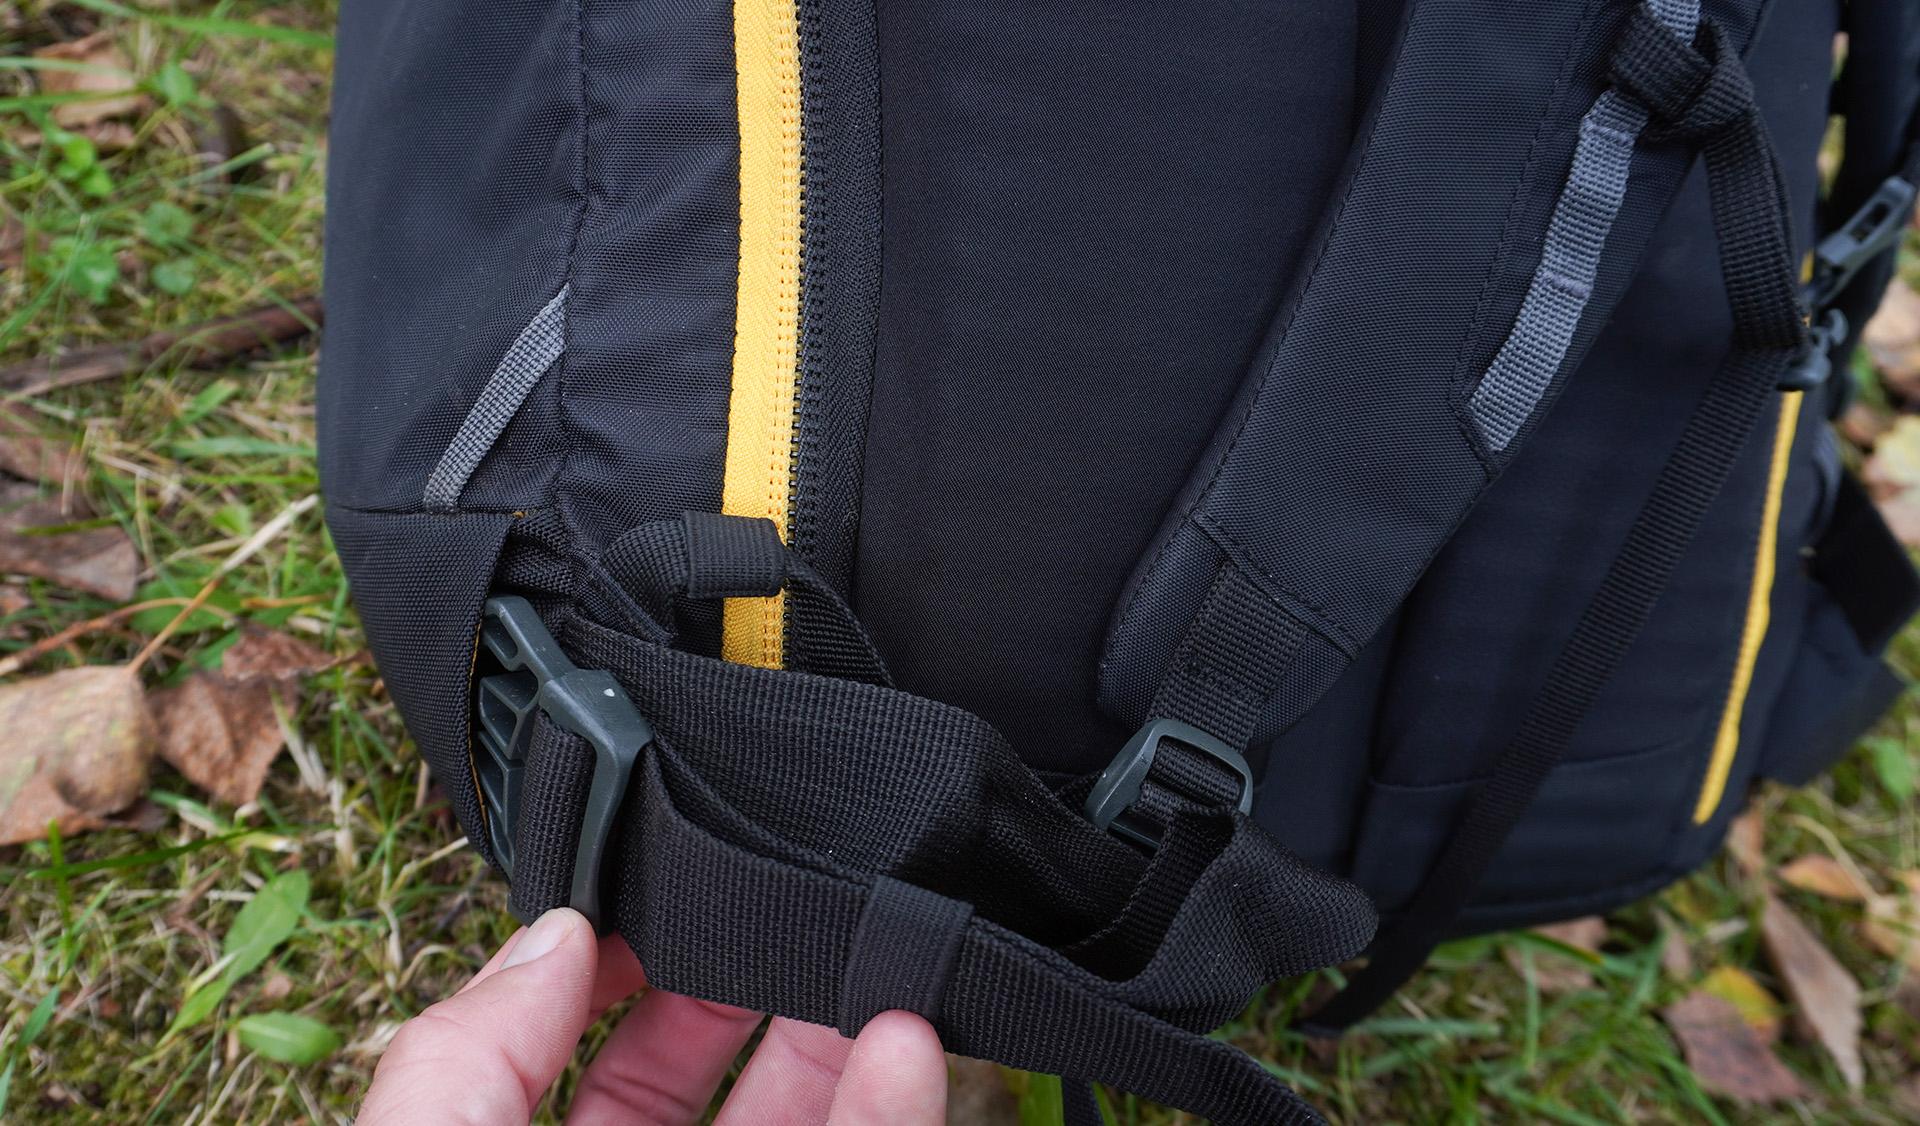 Bedrový popruh z ruksaku Rocking 40 si vieme schovať do nenápadných otvorov pri páse.